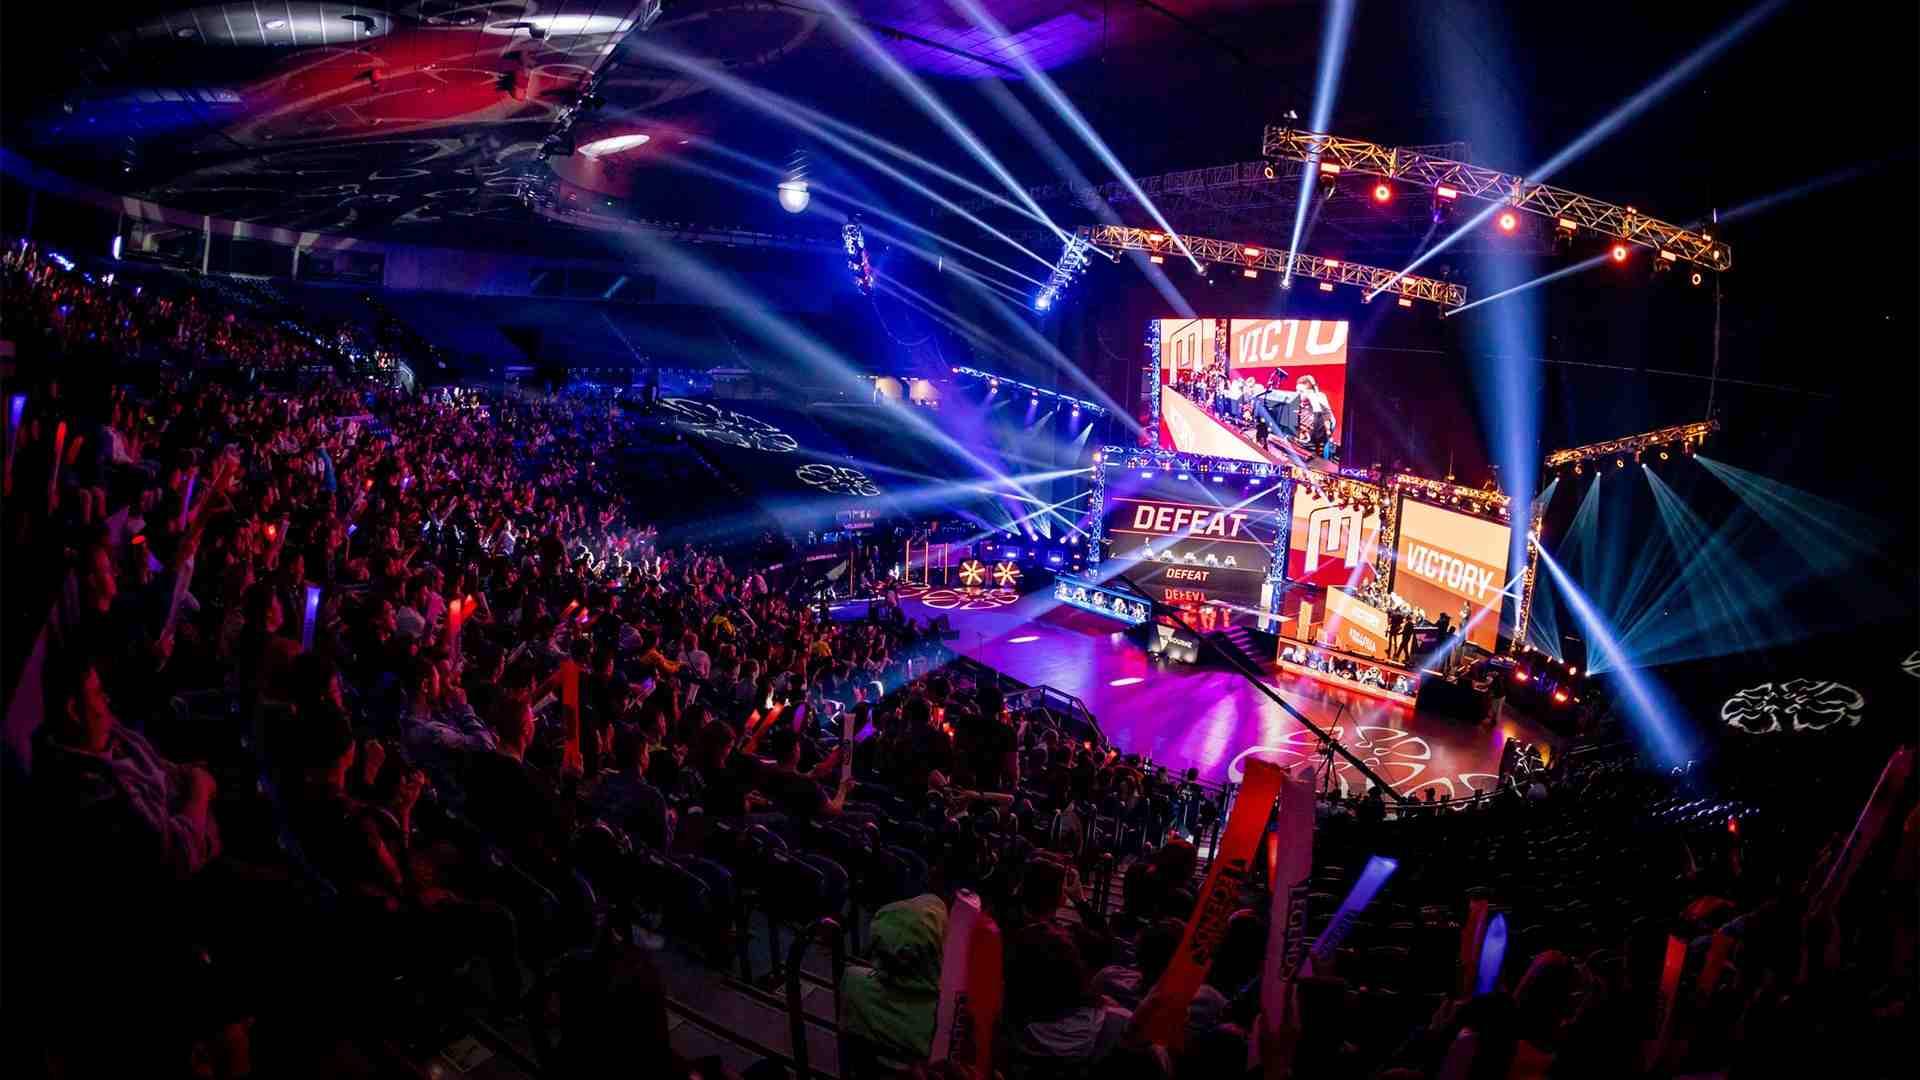 10 турниров по киберспорту в 2021 году (их уже анонсировали!)